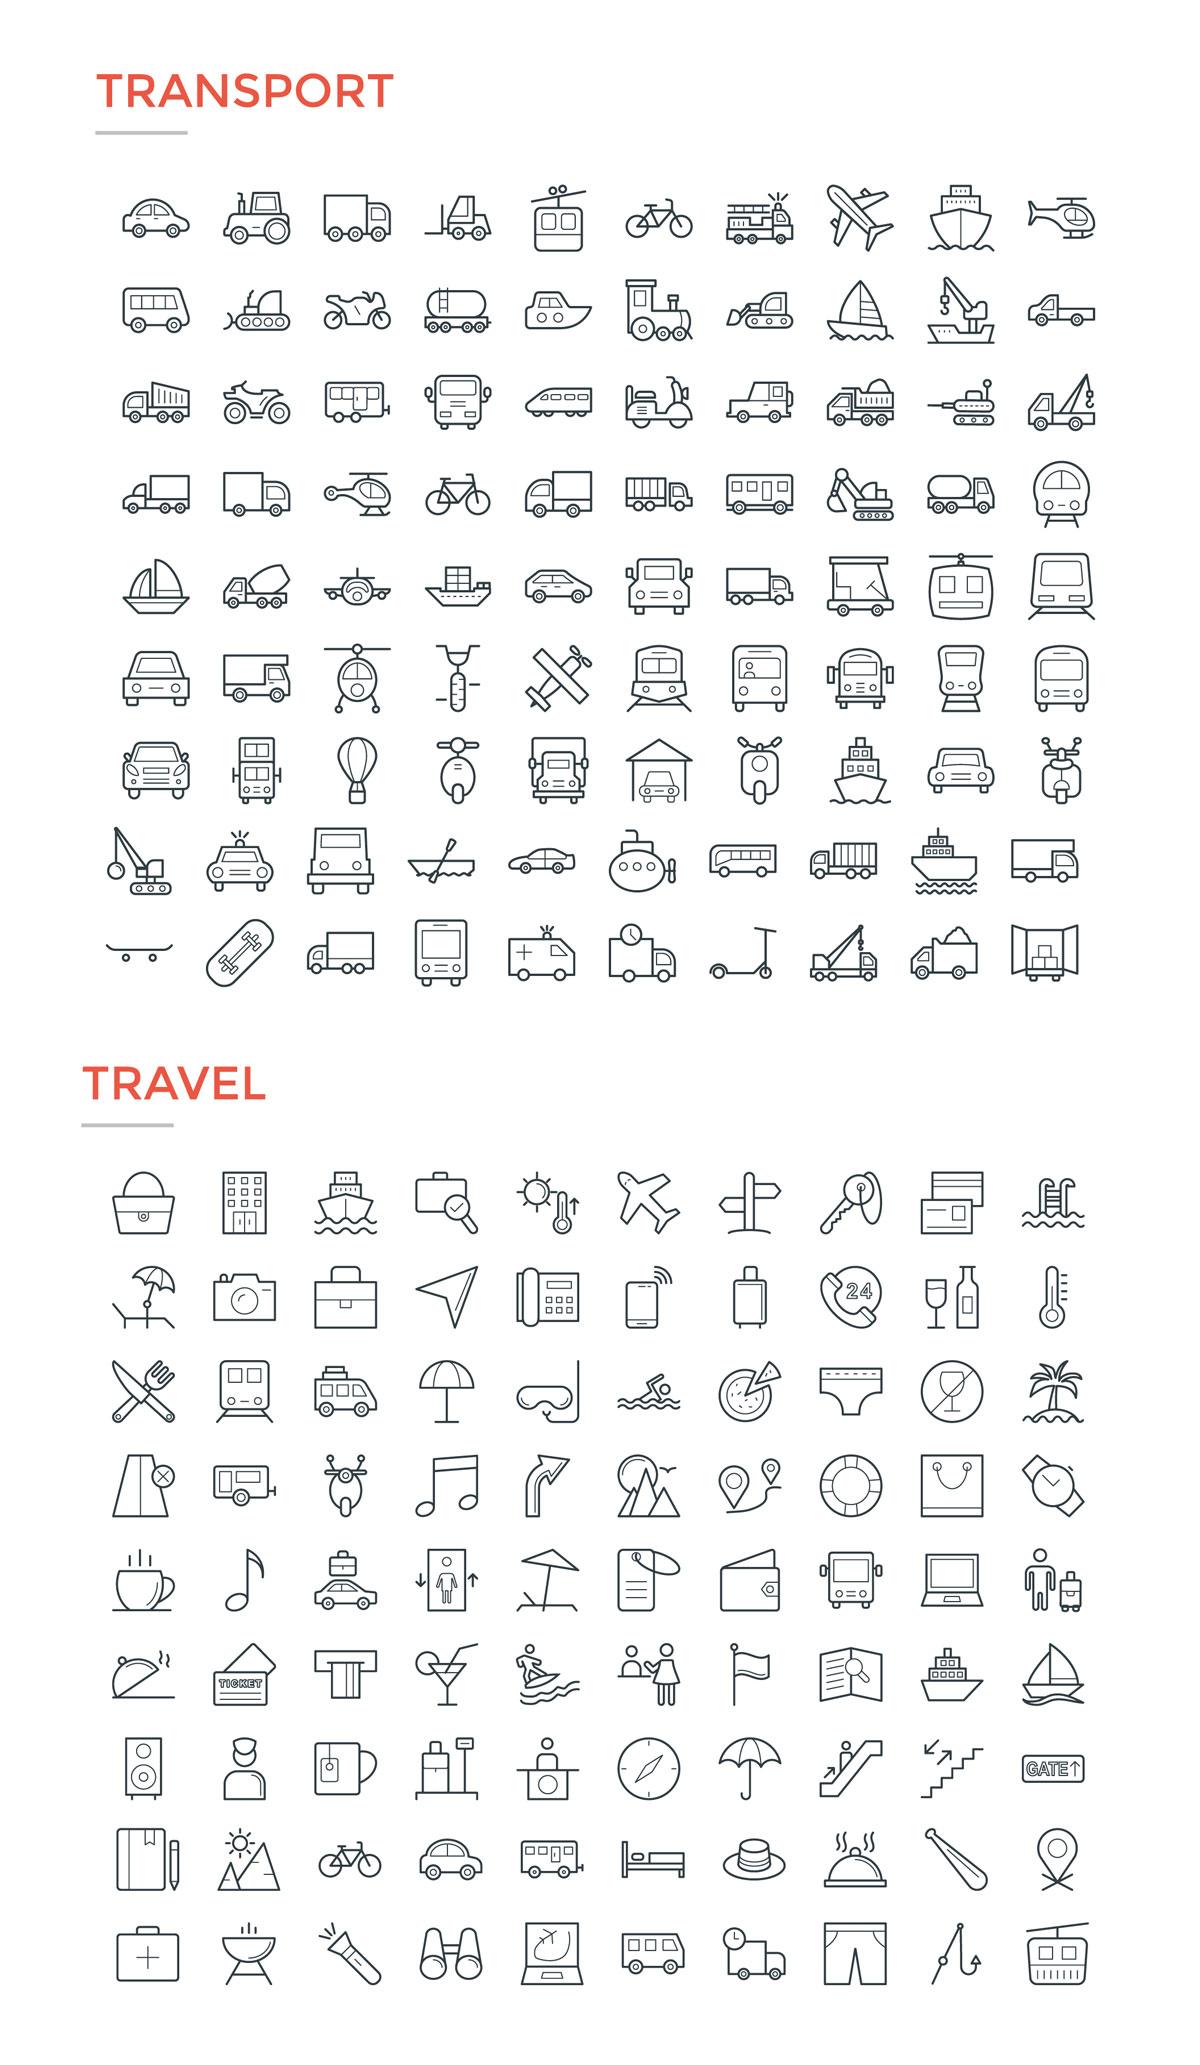 4800款独特的矢量图标合集 4800 Line Icons插图18